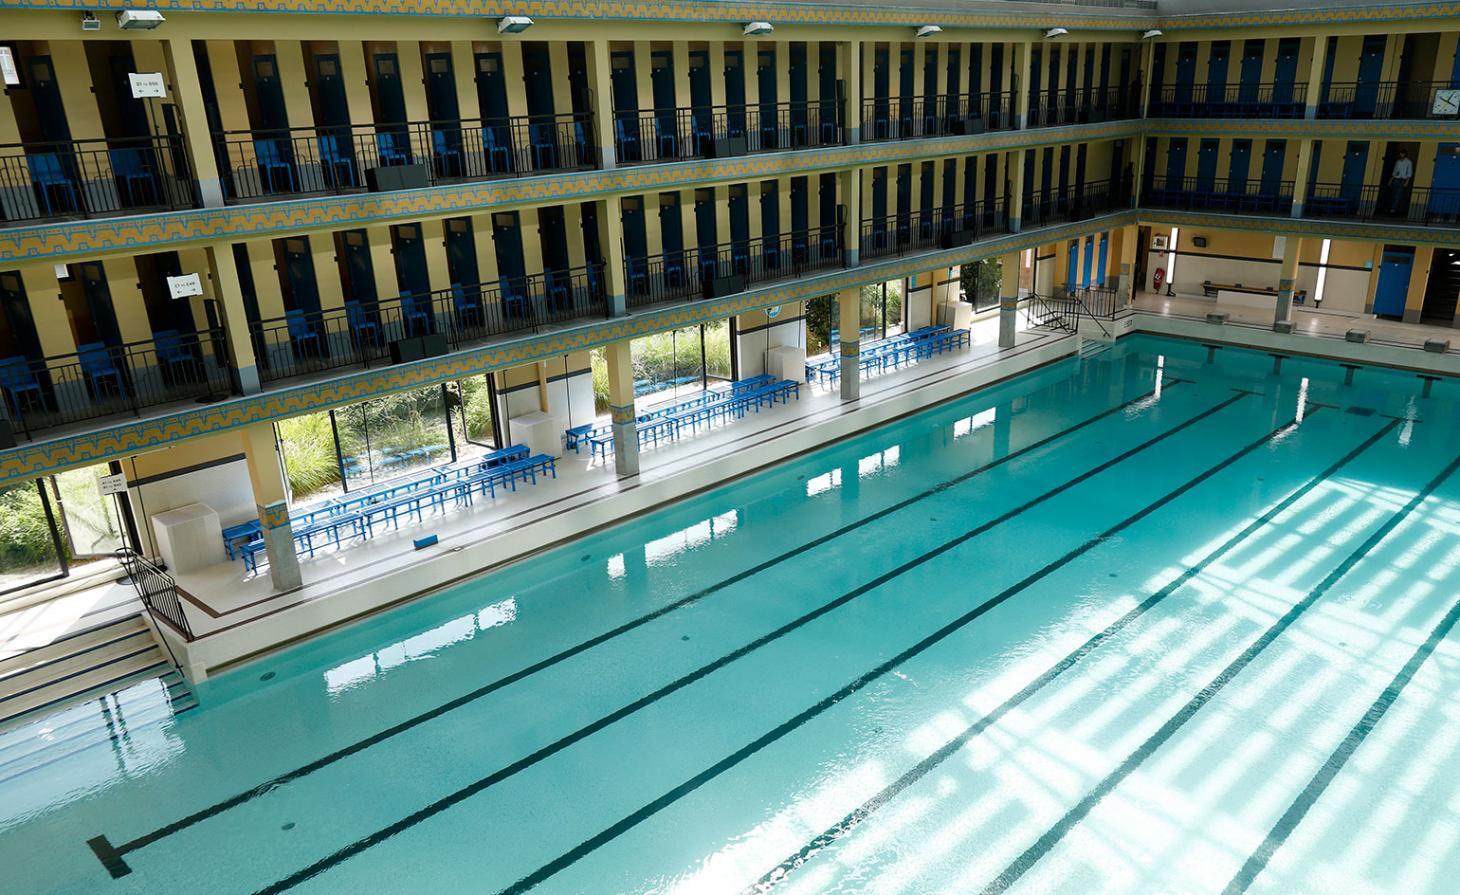 Na Lanvin, o diretor criativo Bruno Sialelli escolheu a Piscine Pailleron para seu desfile de estreia. A piscina foi construída em 1933 pelo arquiteto Lucien Pollet, que era fascinado por design de piscinas - ela foi restaurada nos anos 2000 por Marc Mimram. A cor azul é importante para a marca e estava presente em diversos tons da locação além da piscina / Reprodução